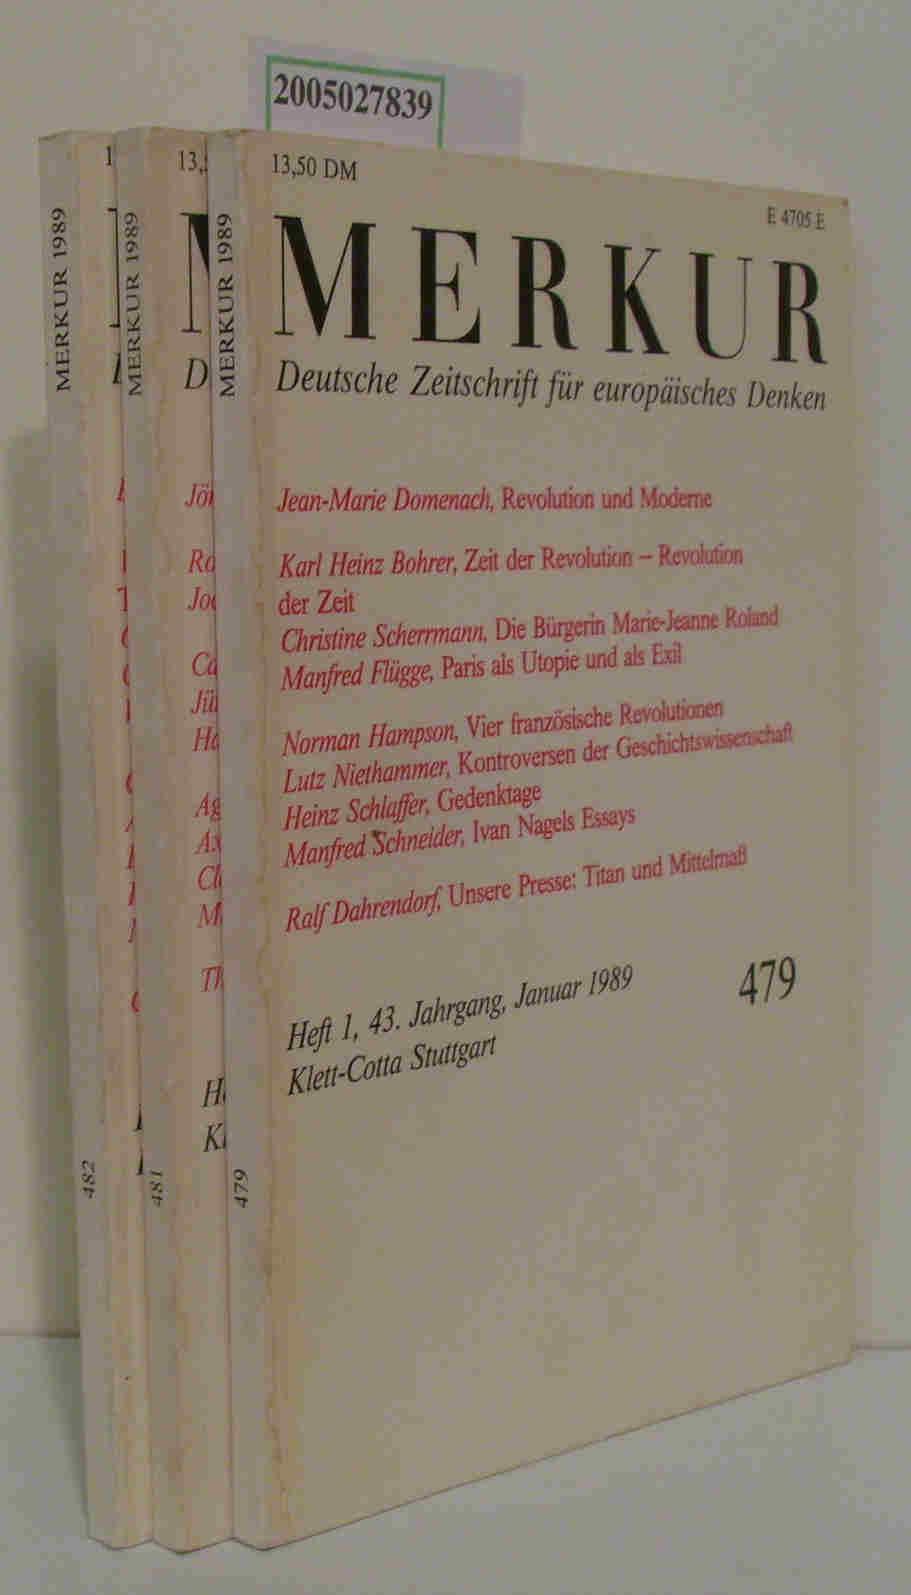 Merkur. Deutsche Zeitschrift für europäisches Denken 43. Jahrgang heft 1,3,4.